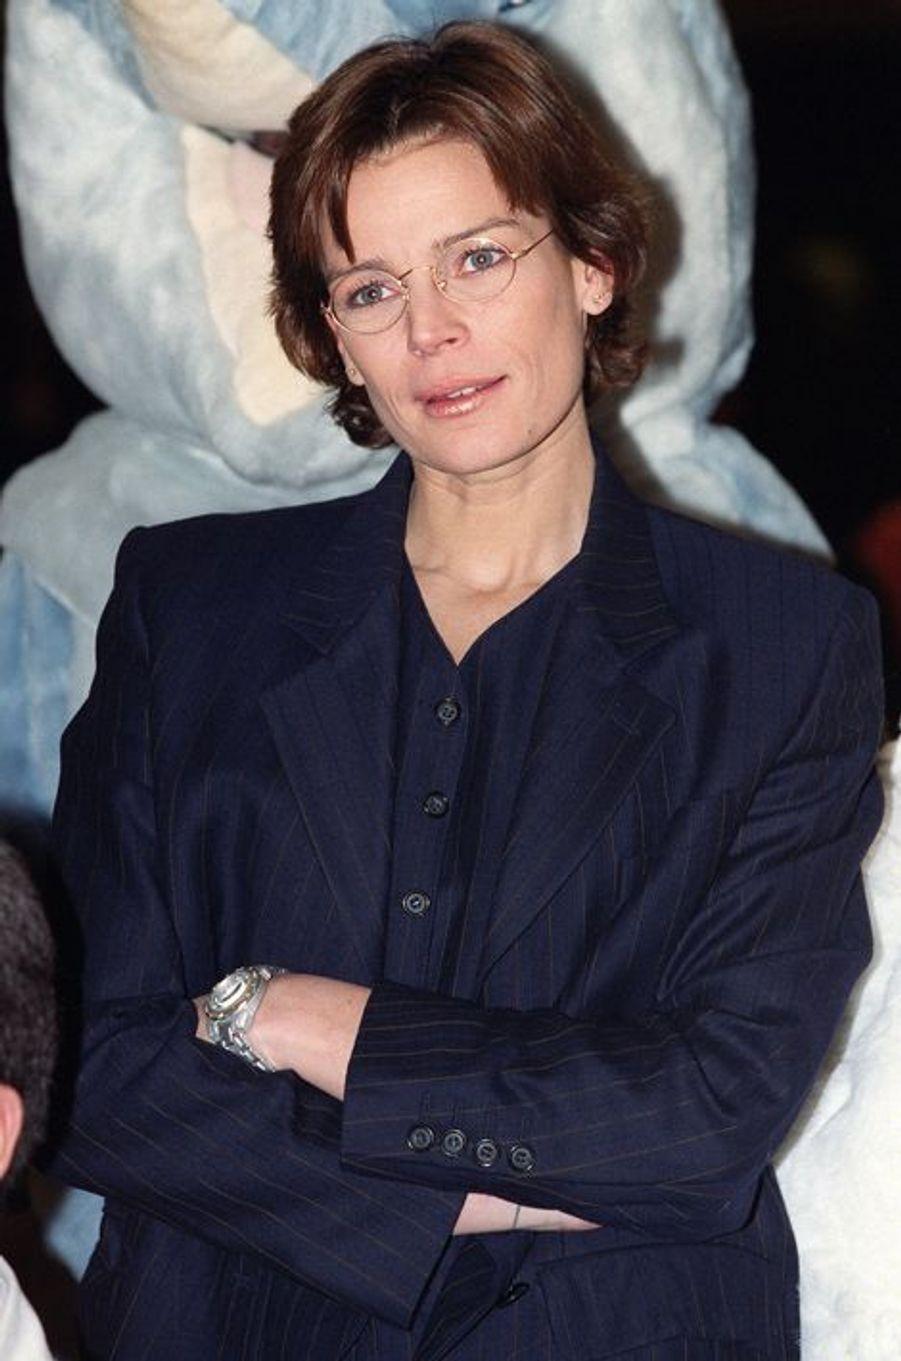 La princesse Stéphanie de Monaco le 29 mai 2002